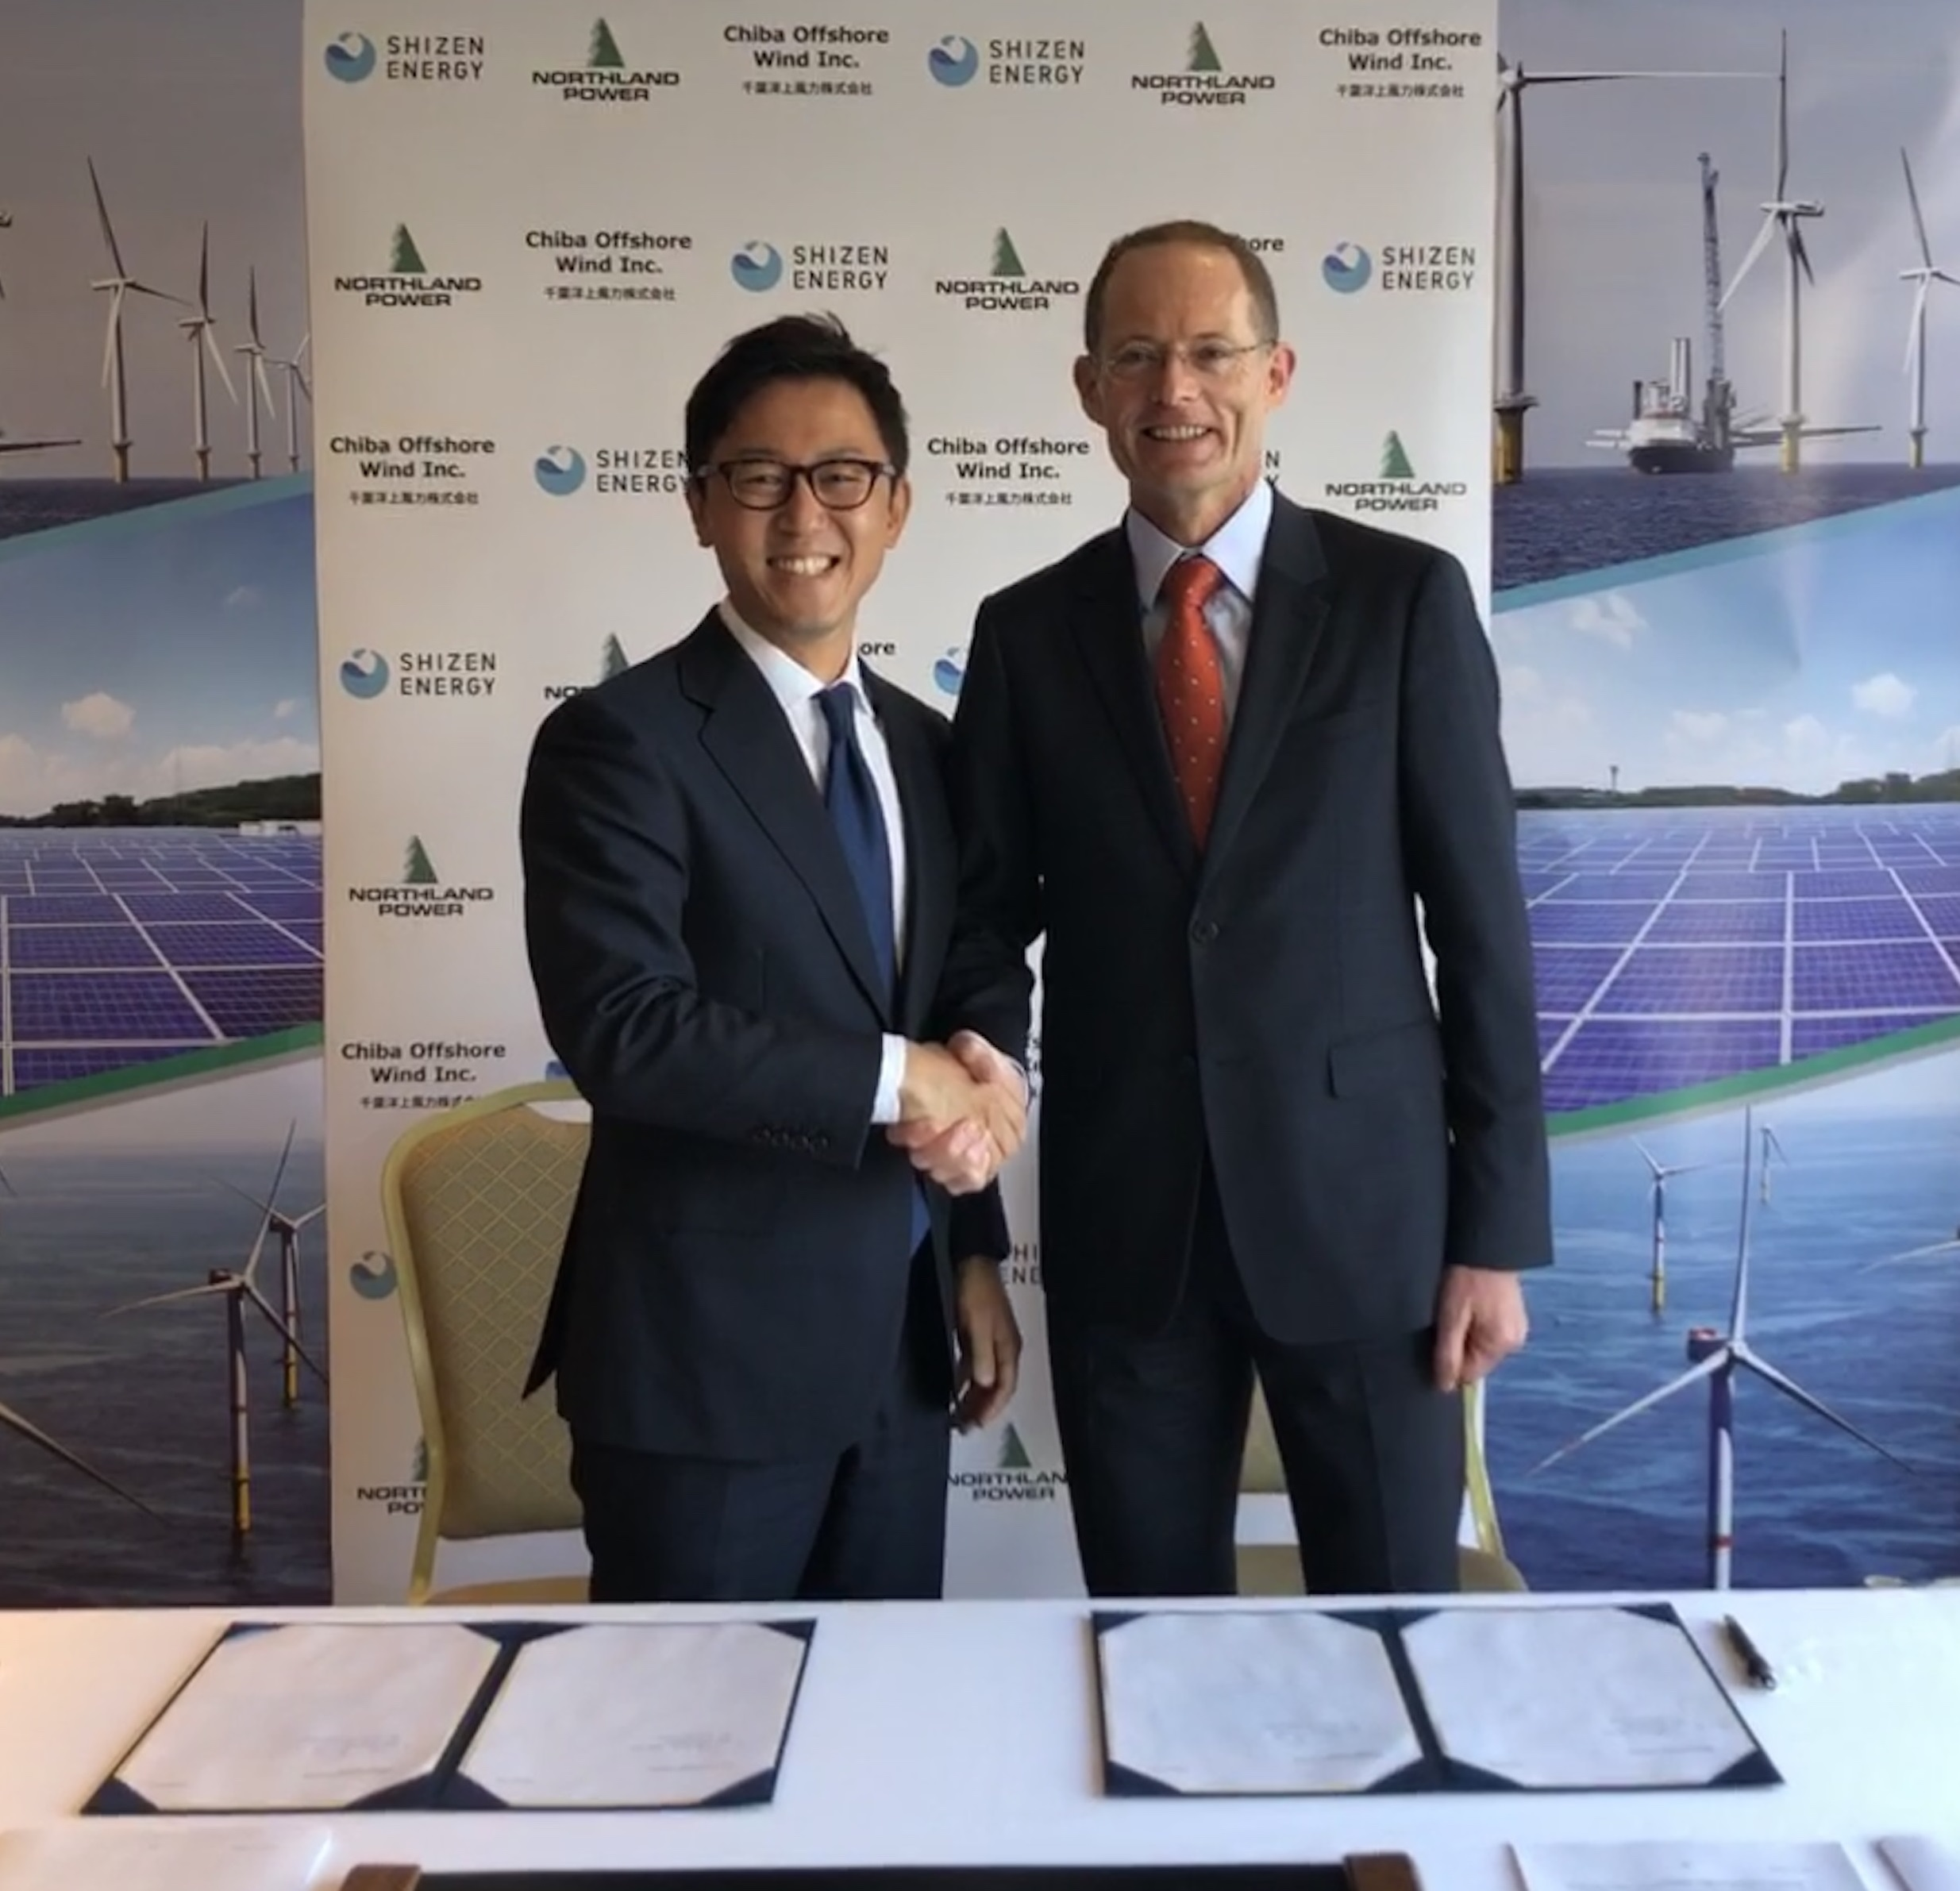 自然電力とカナダNorthland Power、洋上風力発電事業における合弁会社を設立